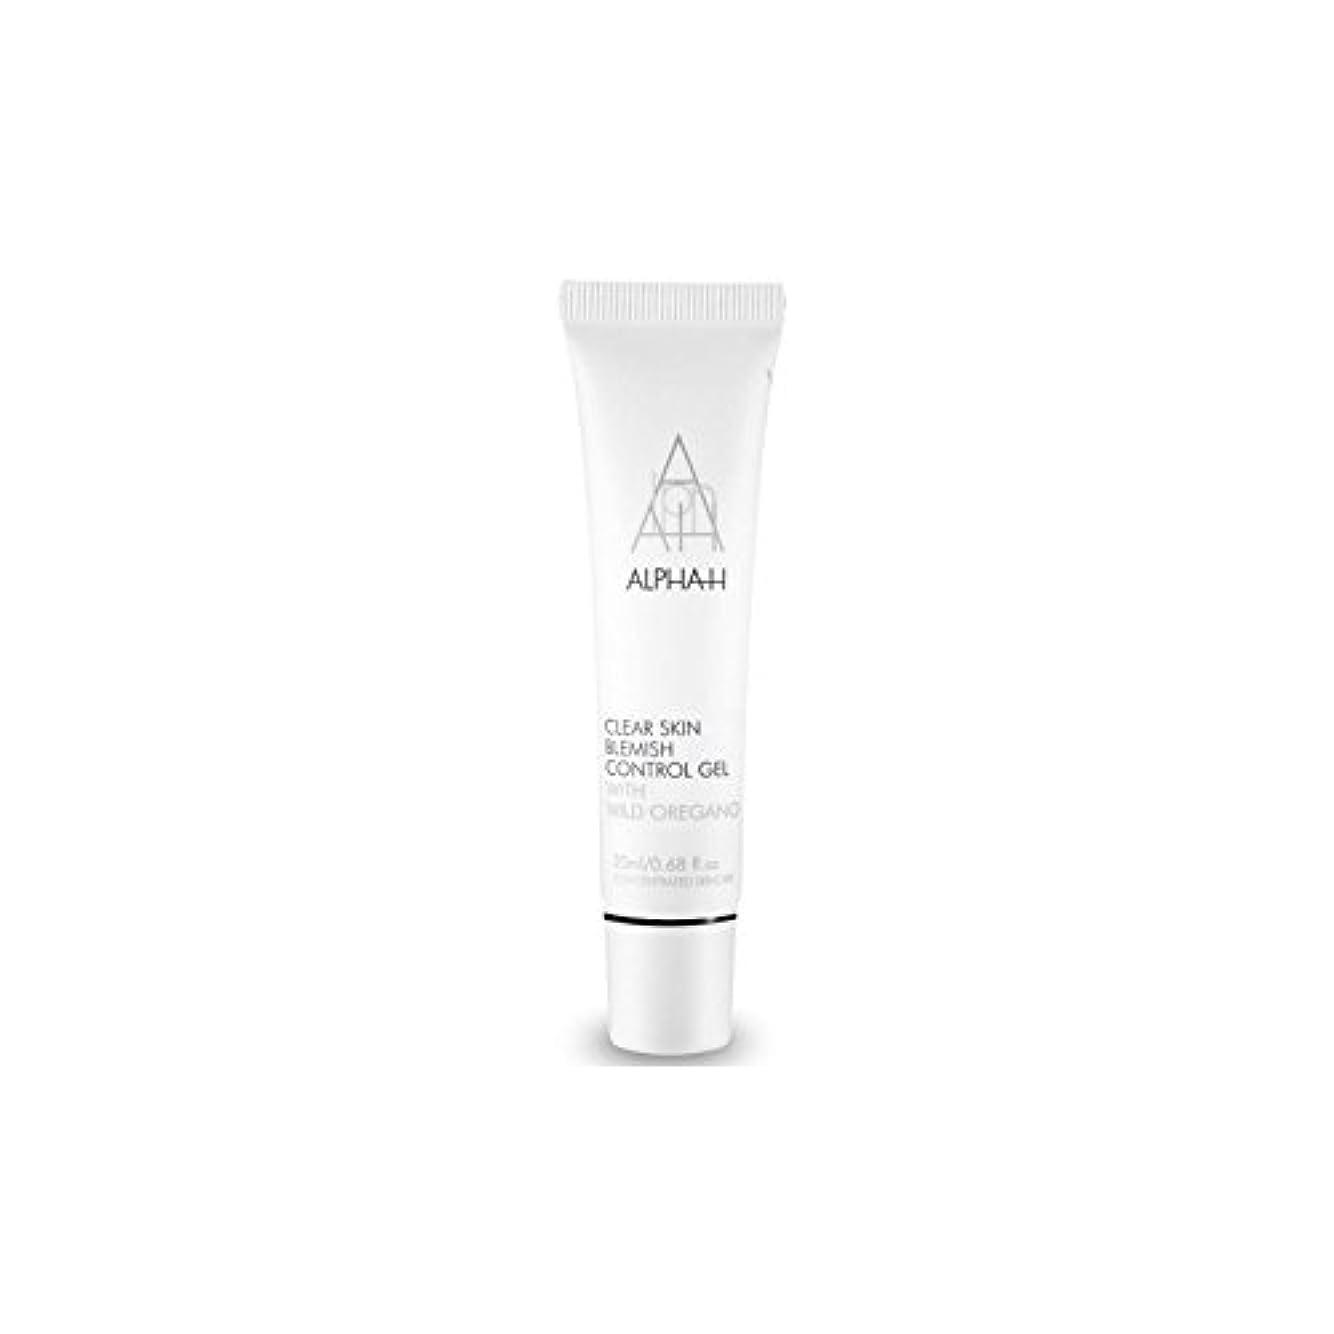 のため爆発秀でるアルファクリア皮膚傷制御ゲル(20)中 x4 - Alpha-H Clear Skin Blemish Control Gel (20ml) (Pack of 4) [並行輸入品]